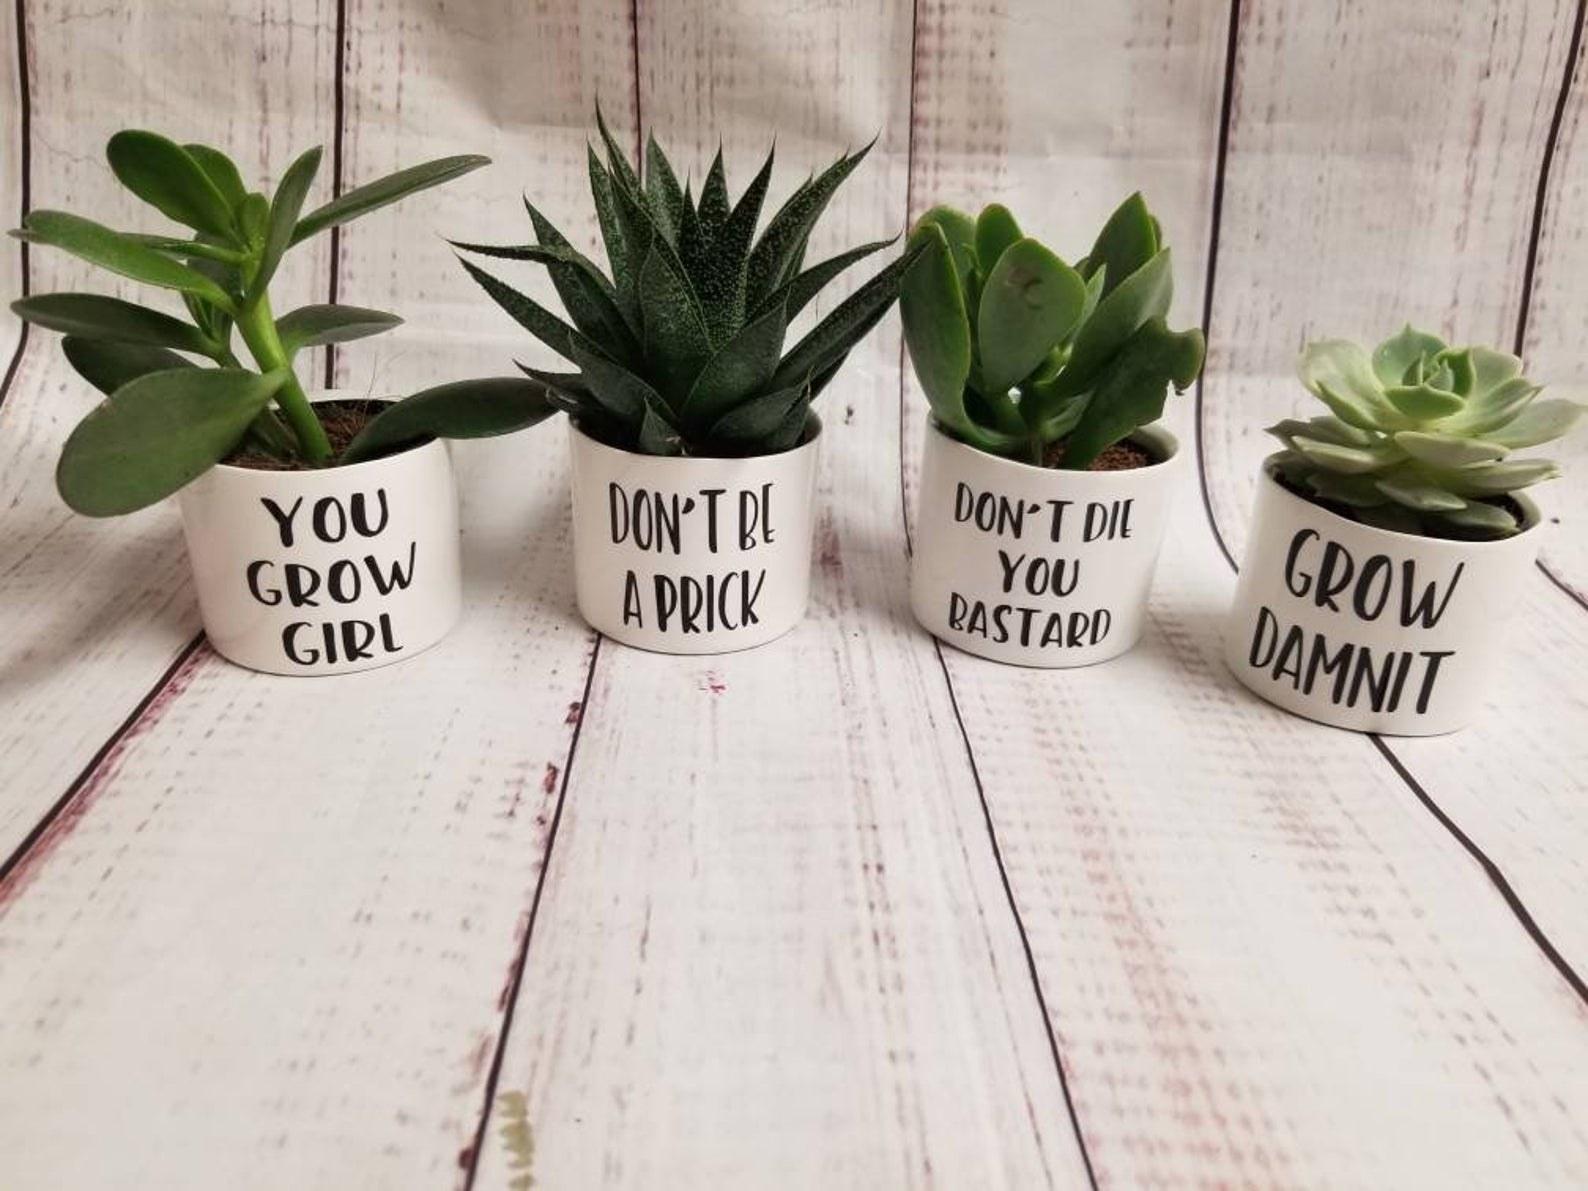 the plant pots